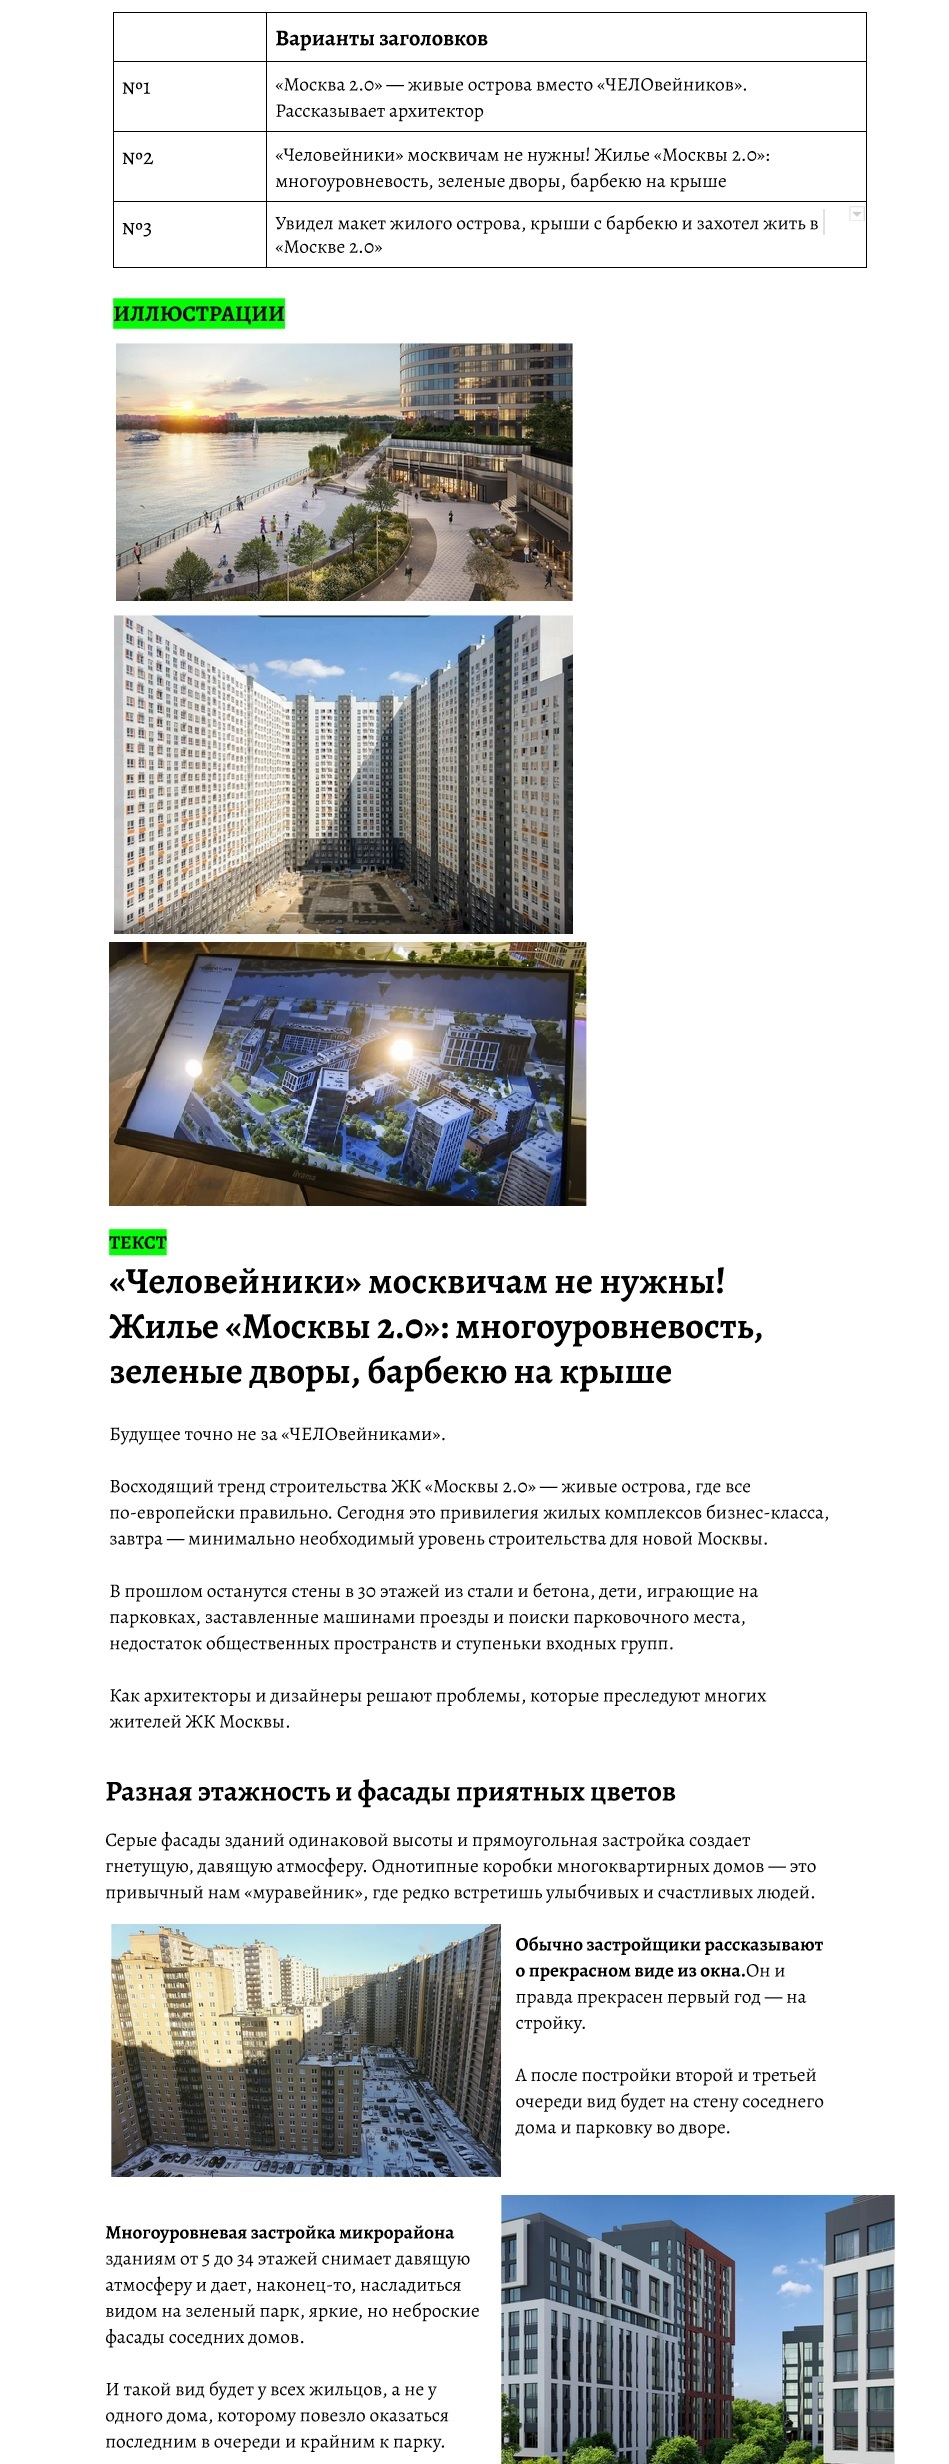 Пример статьи для Яндекс. Дзен